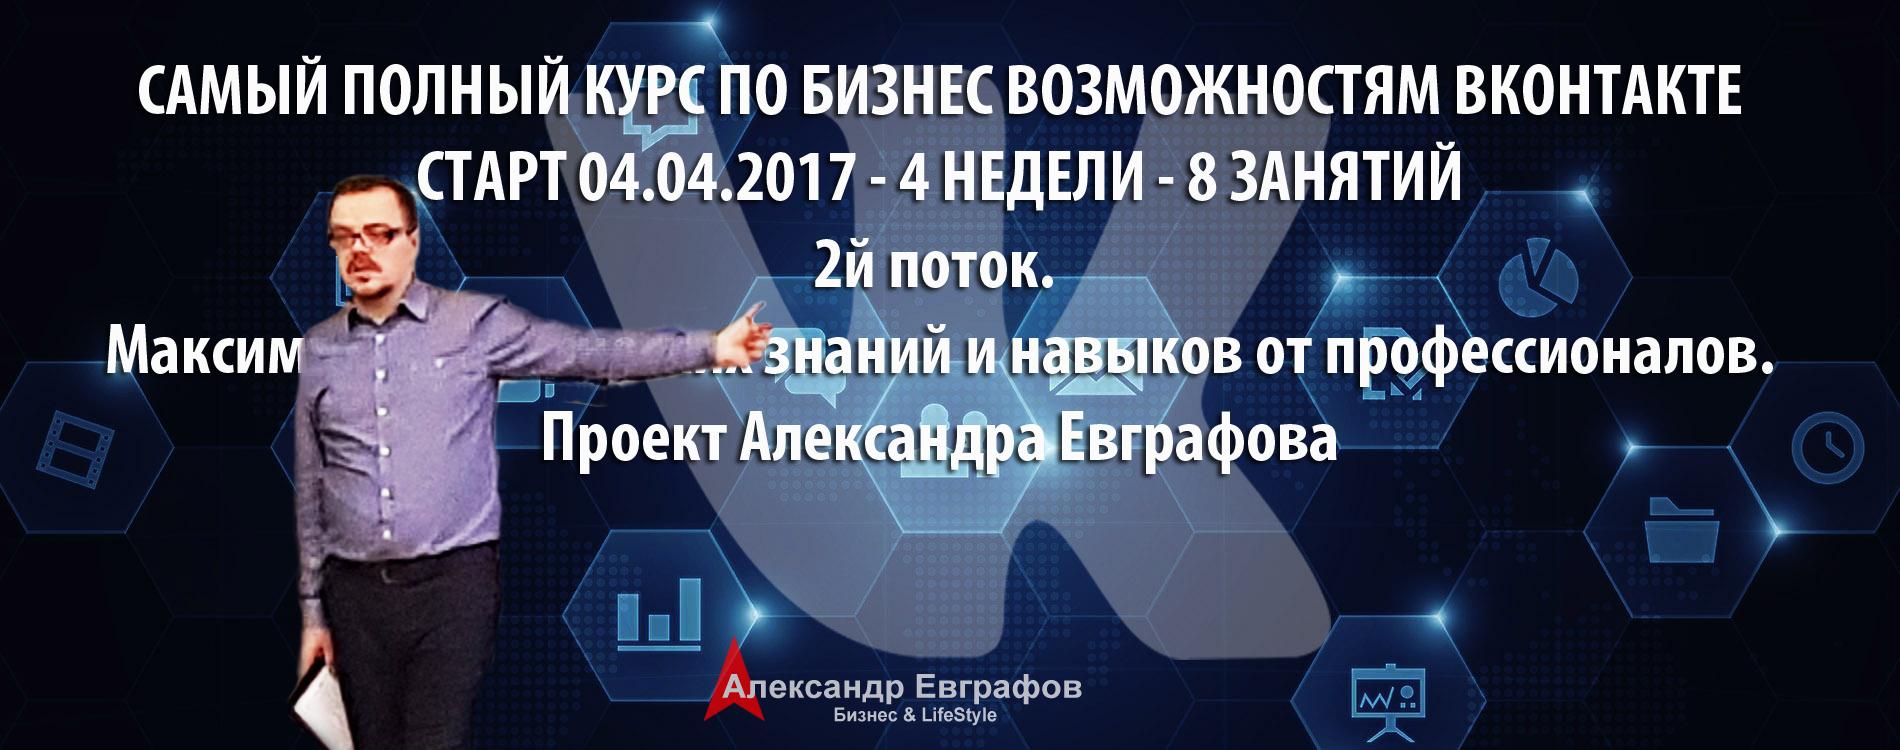 04.03.2017г. - 05.04.2017г. Базовый курс по бизнес возможностям ВКонтакте